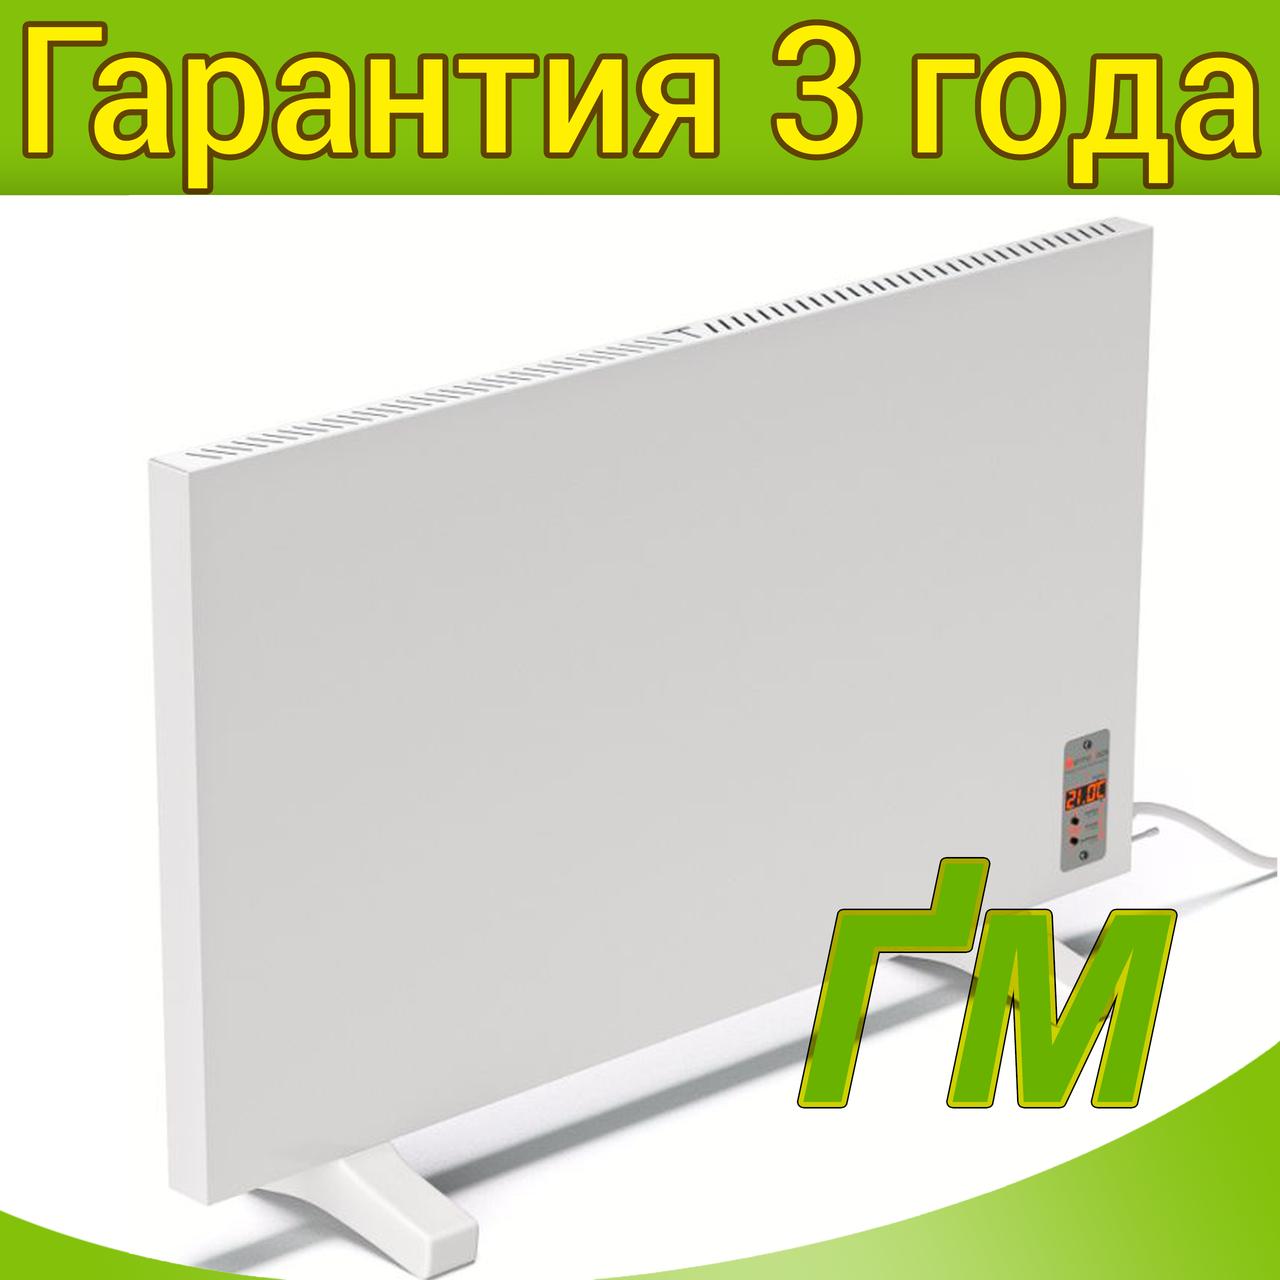 Электроконвектор Термоплаза 375